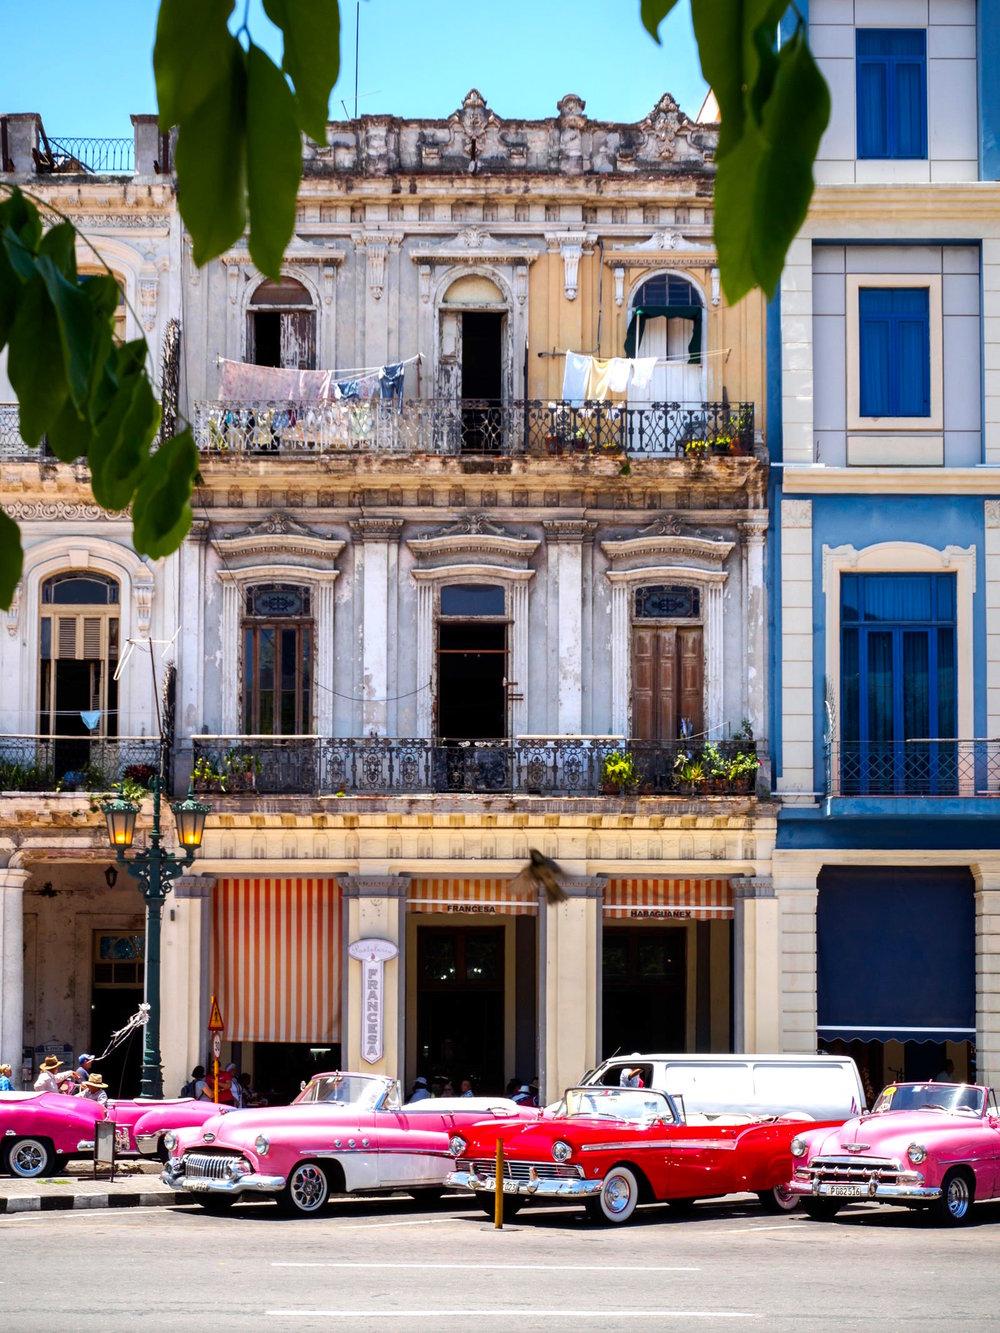 Cuba1.jpeg